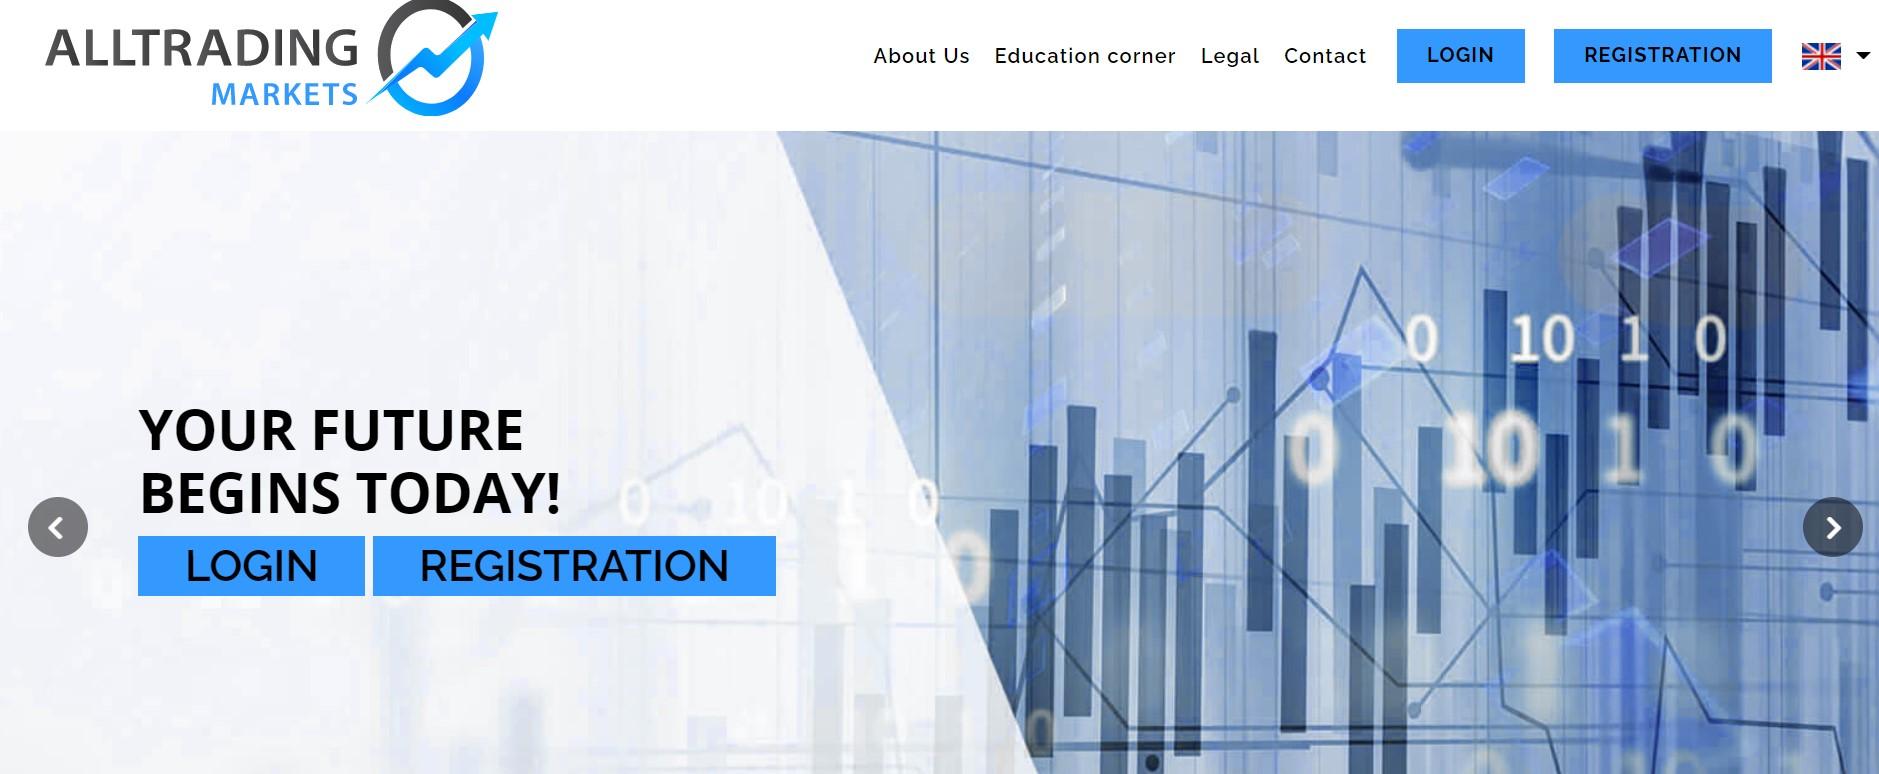 AllTrading Markets website